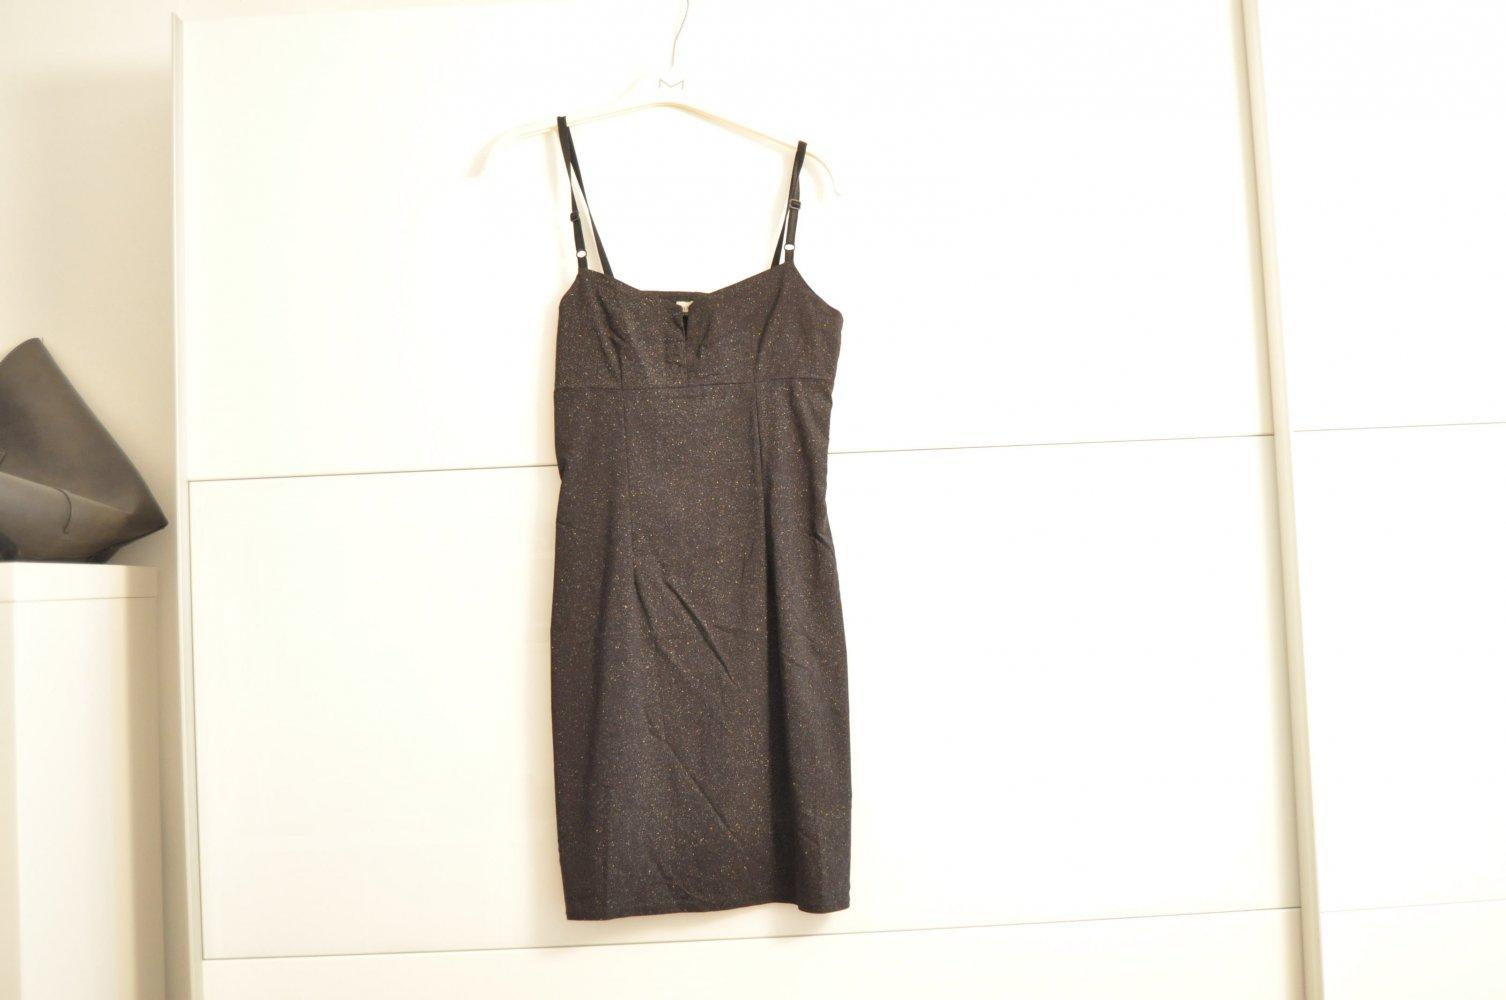 das kleine schwarze - abendkleid schwarz/glitzer - figurbetont - 34-36